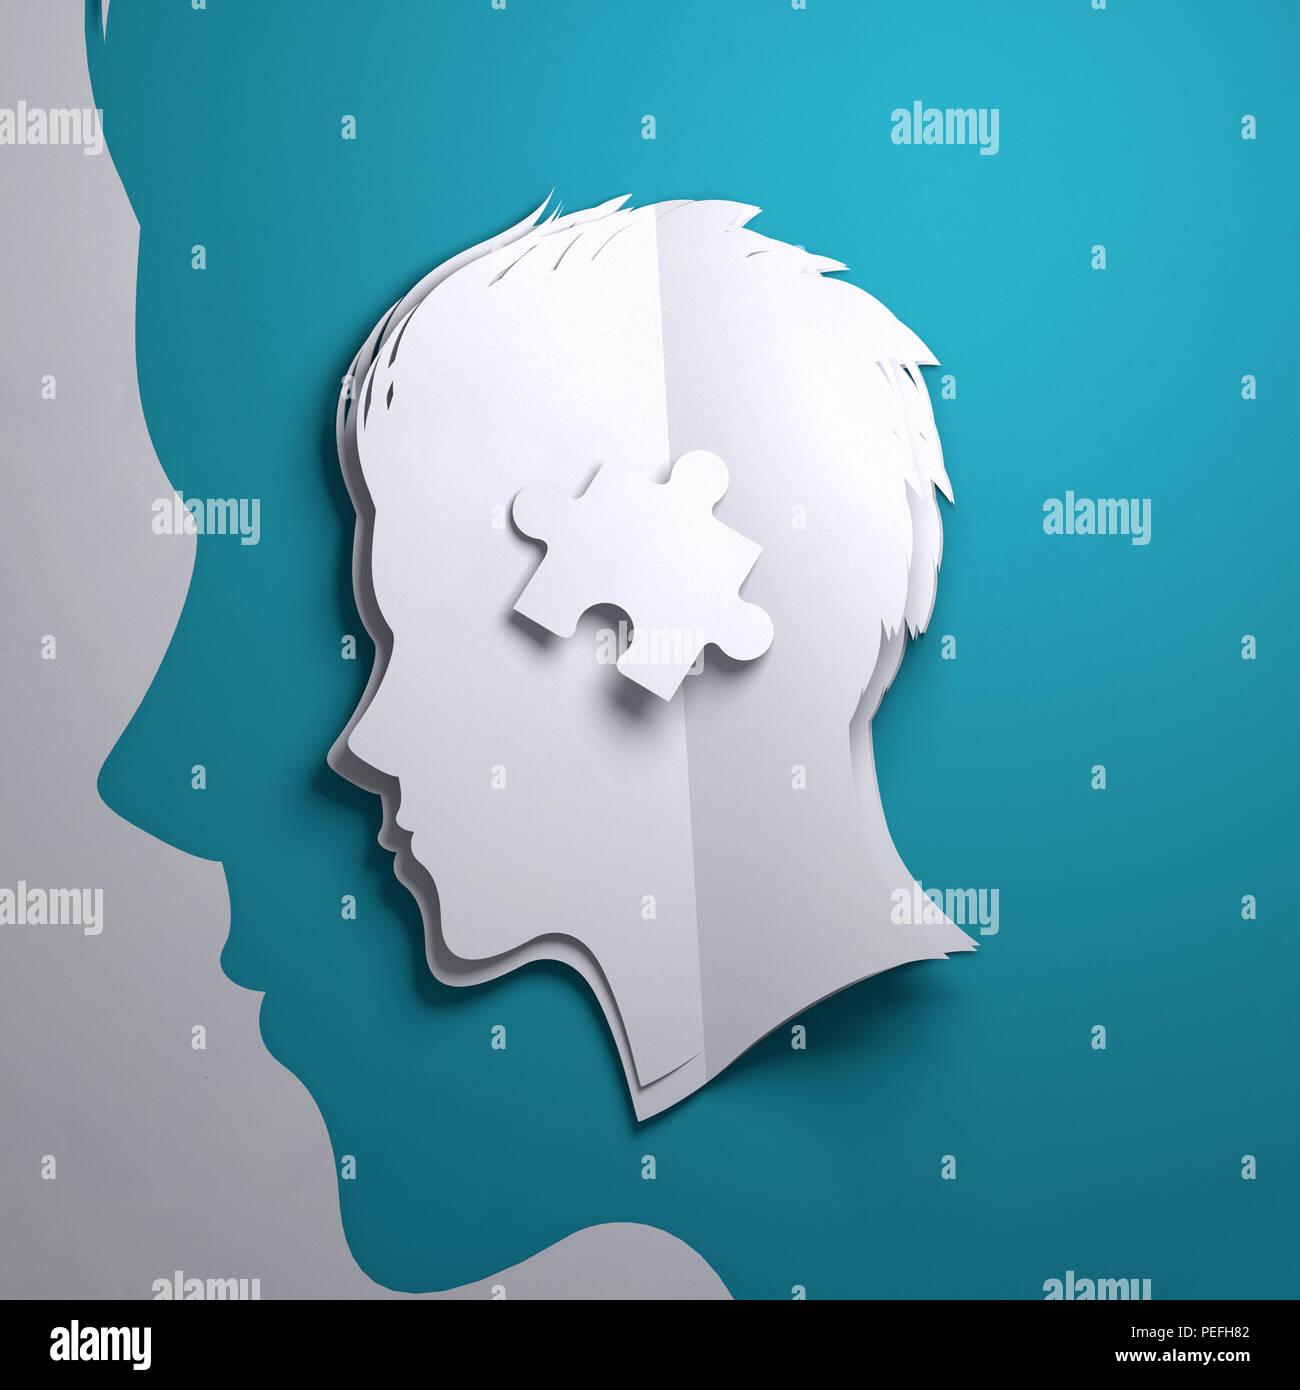 Papier plié origami. La silhouette de la tête d'une personne avec une pièce du puzzle. Mindfulness conceptuel 3D illustration. Photo Stock